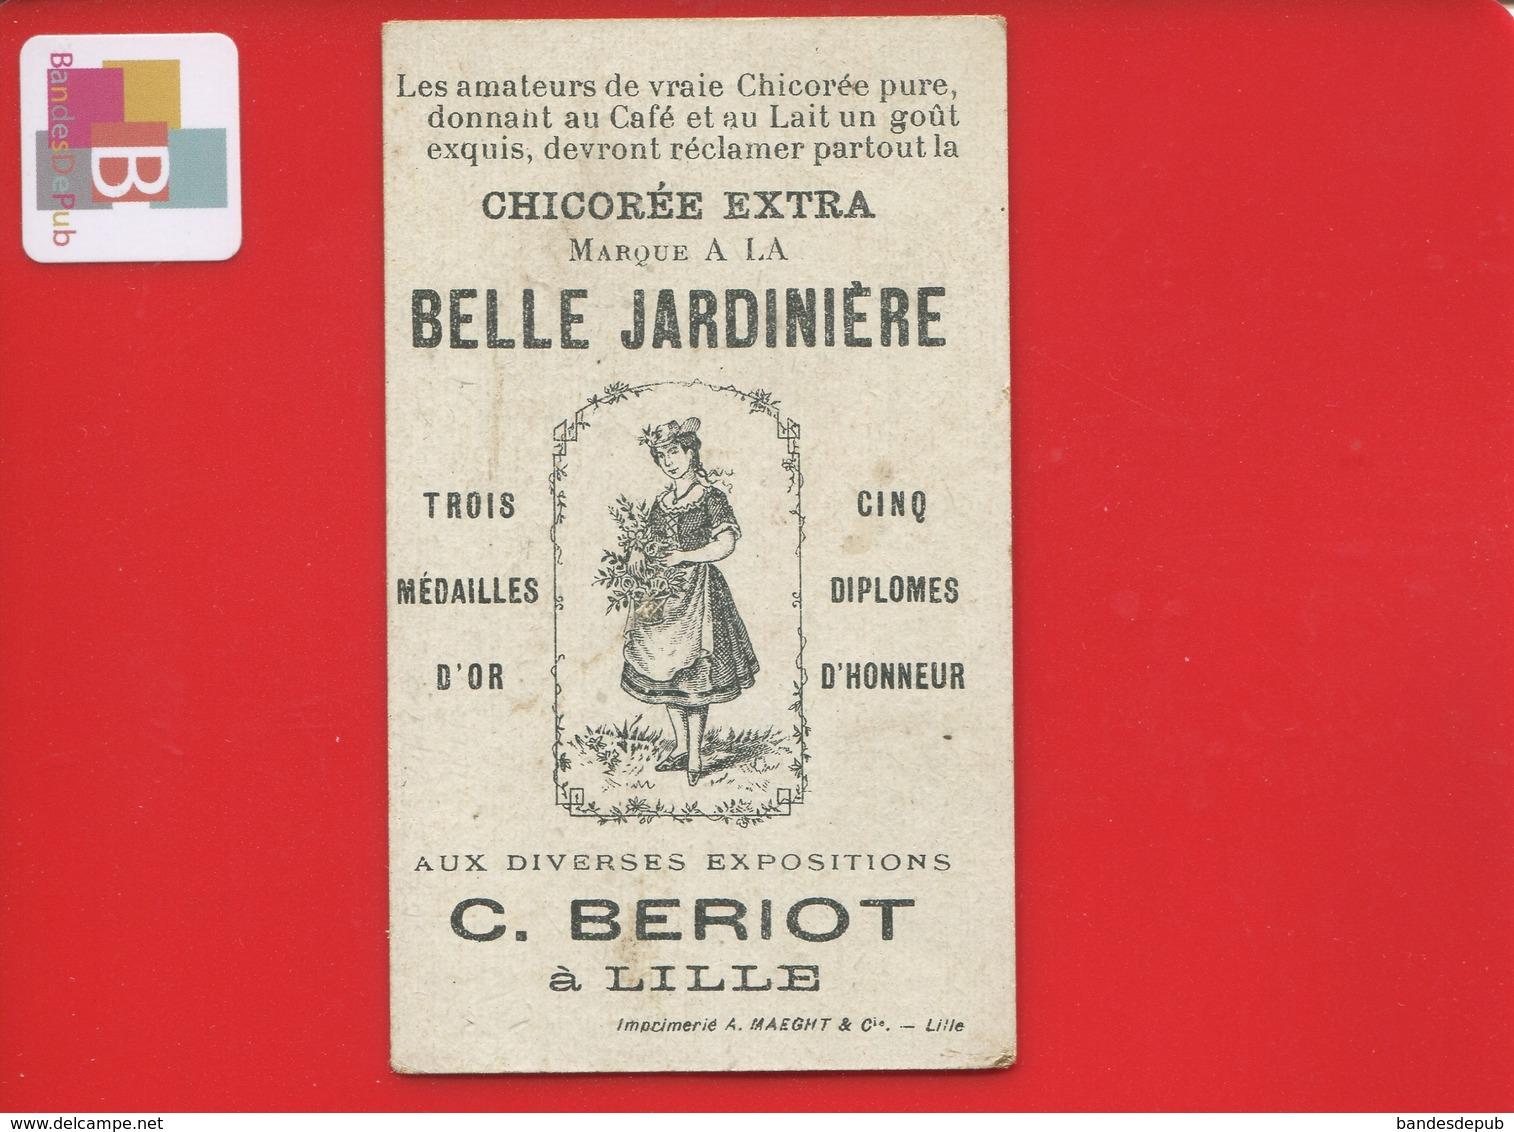 Lille BERIOT Chromo Moyen Transport Tramway Electrique Flotteur Souterrain Paris Invalides Ecole Militaire Pont Alma - Trade Cards